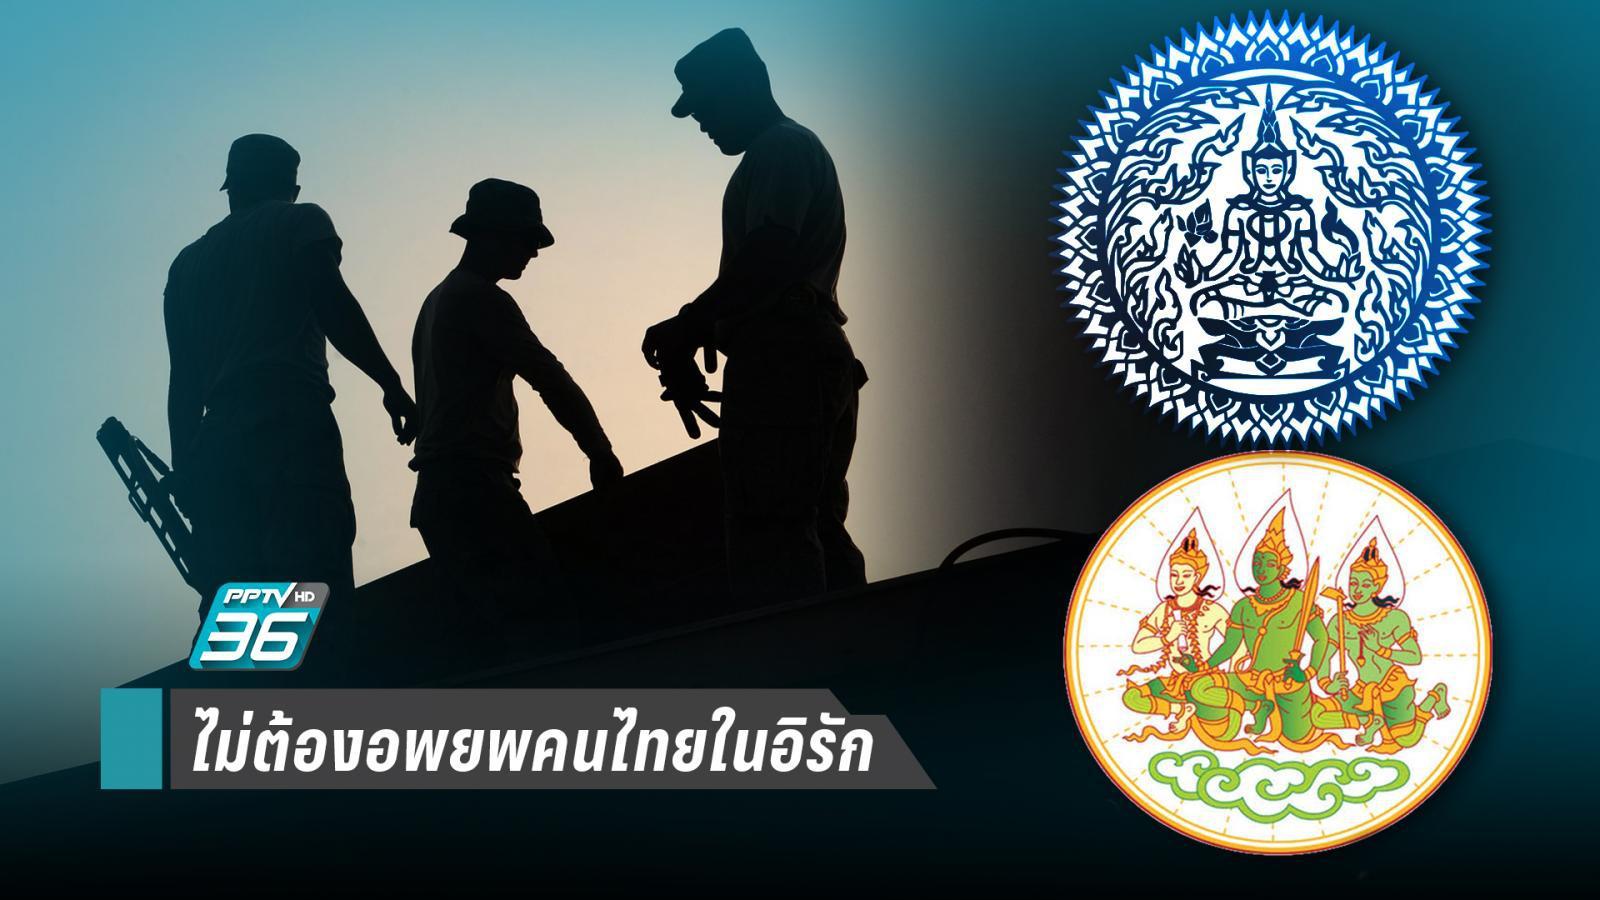 กระทรวงต่างประเทศยันคนไทยในอิรักปลอดภัย ไม่ต้องอพยพ!